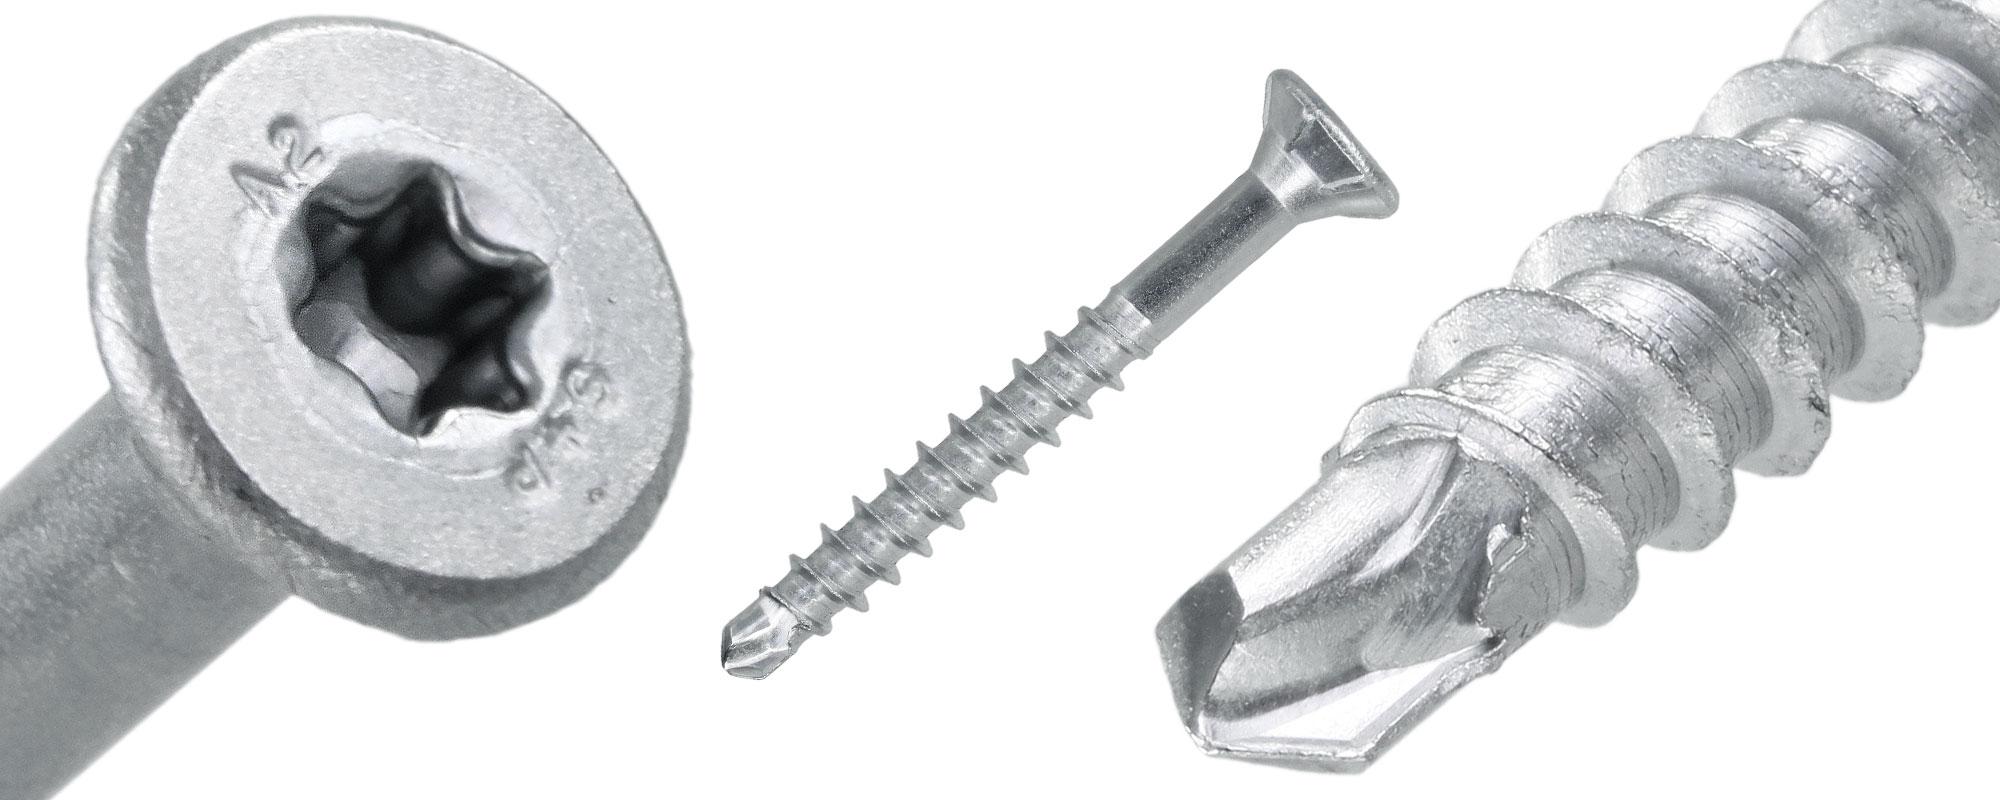 Holzbauschraube Super Drill Detailansicht